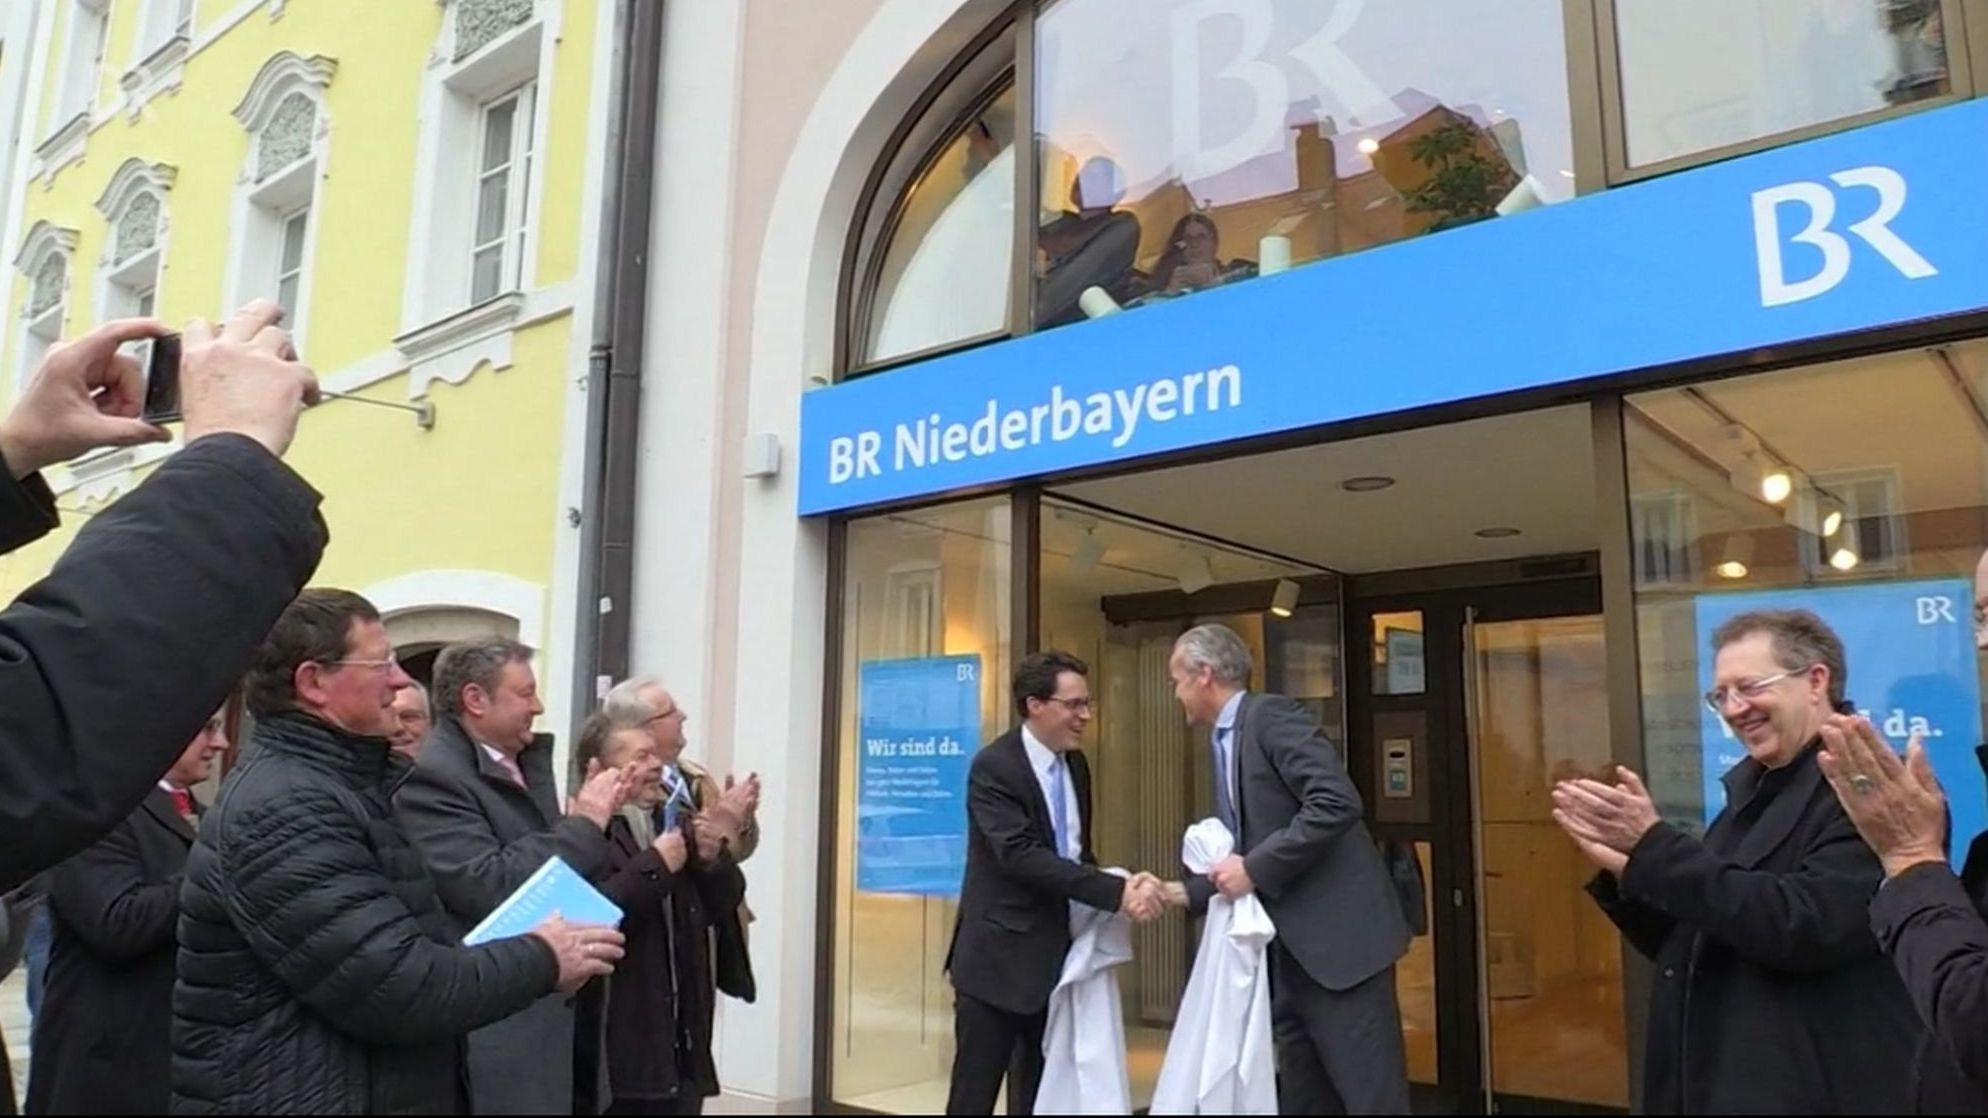 Deggendorfs Oberbürgermeister Christian Moser (CSU) und BR-Informationsdirektor Thomas Hinrichs enthüllen das Schild am Eingang des BR-Studios